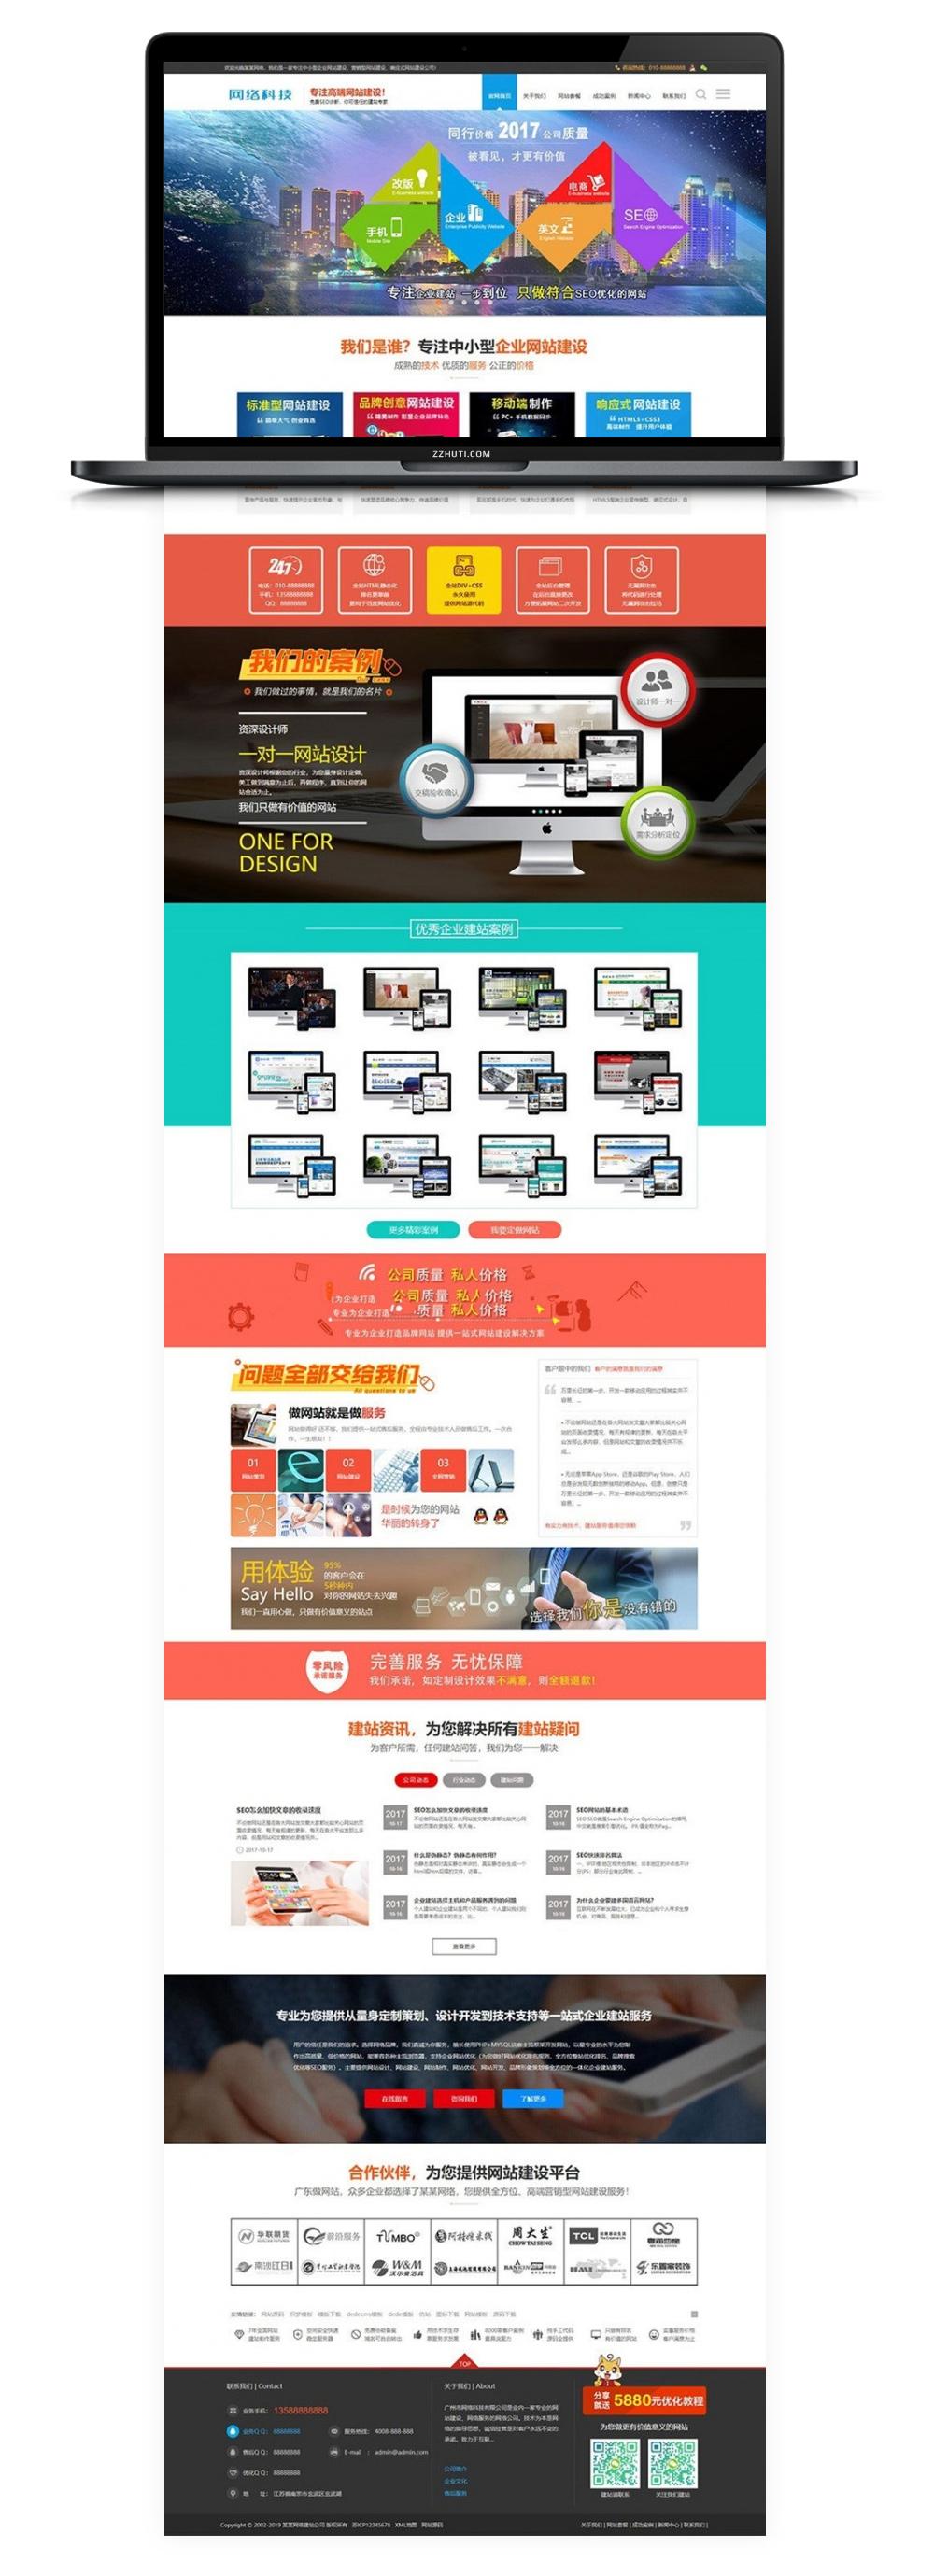 【织梦网络科技公司模板】自适应高端网站建设推广科技公司源码[dedecms内核]-酷网站源码